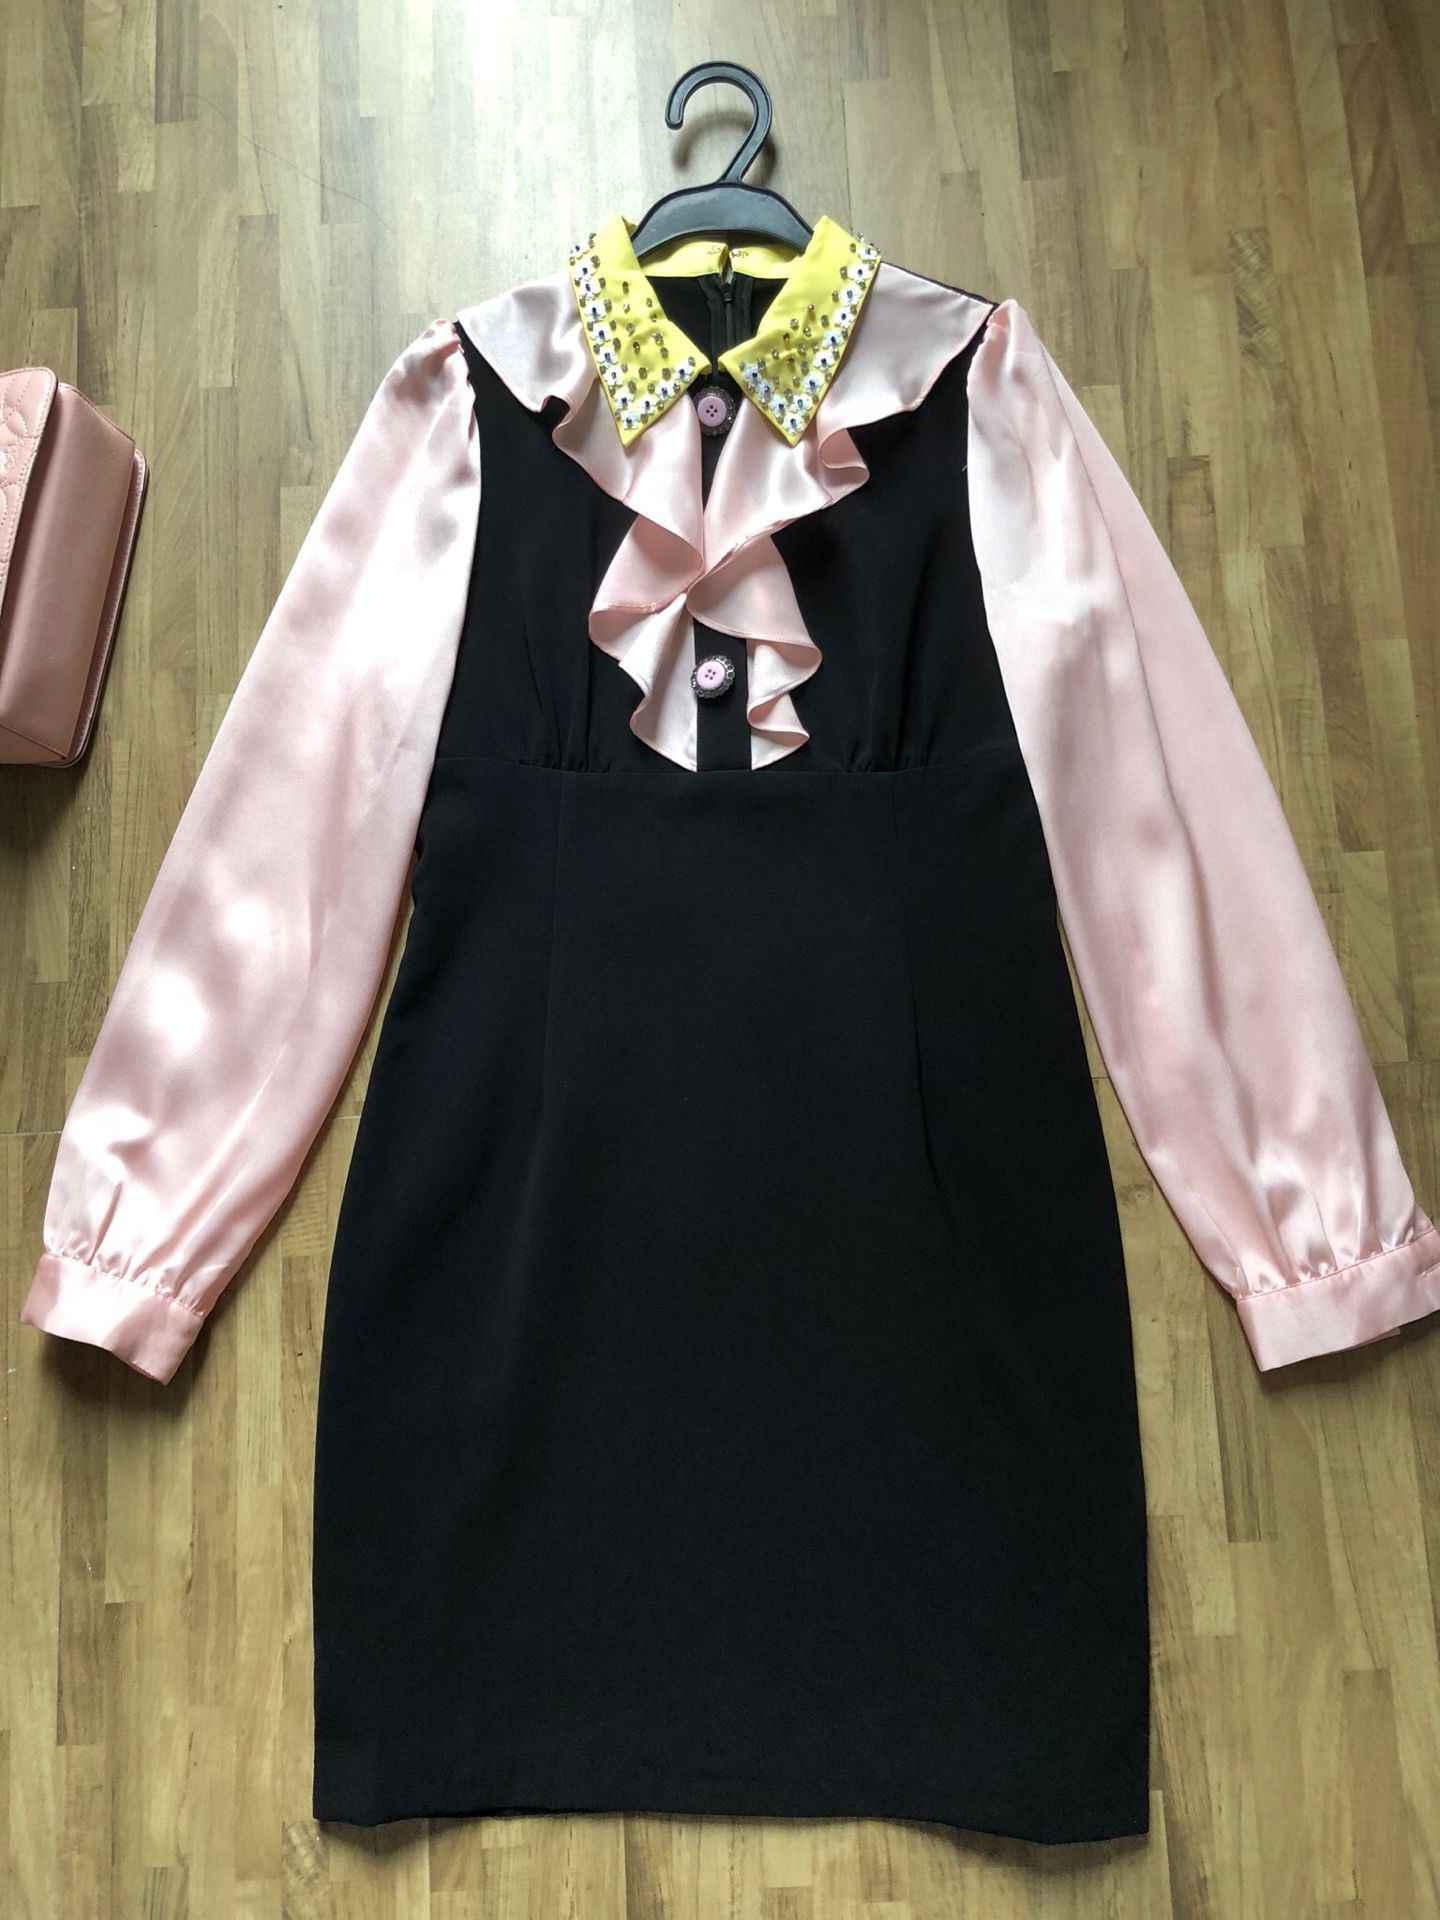 Nova Europa e os bens cauda etiqueta da marca venda de afastamento Lapela babados vestido Especial